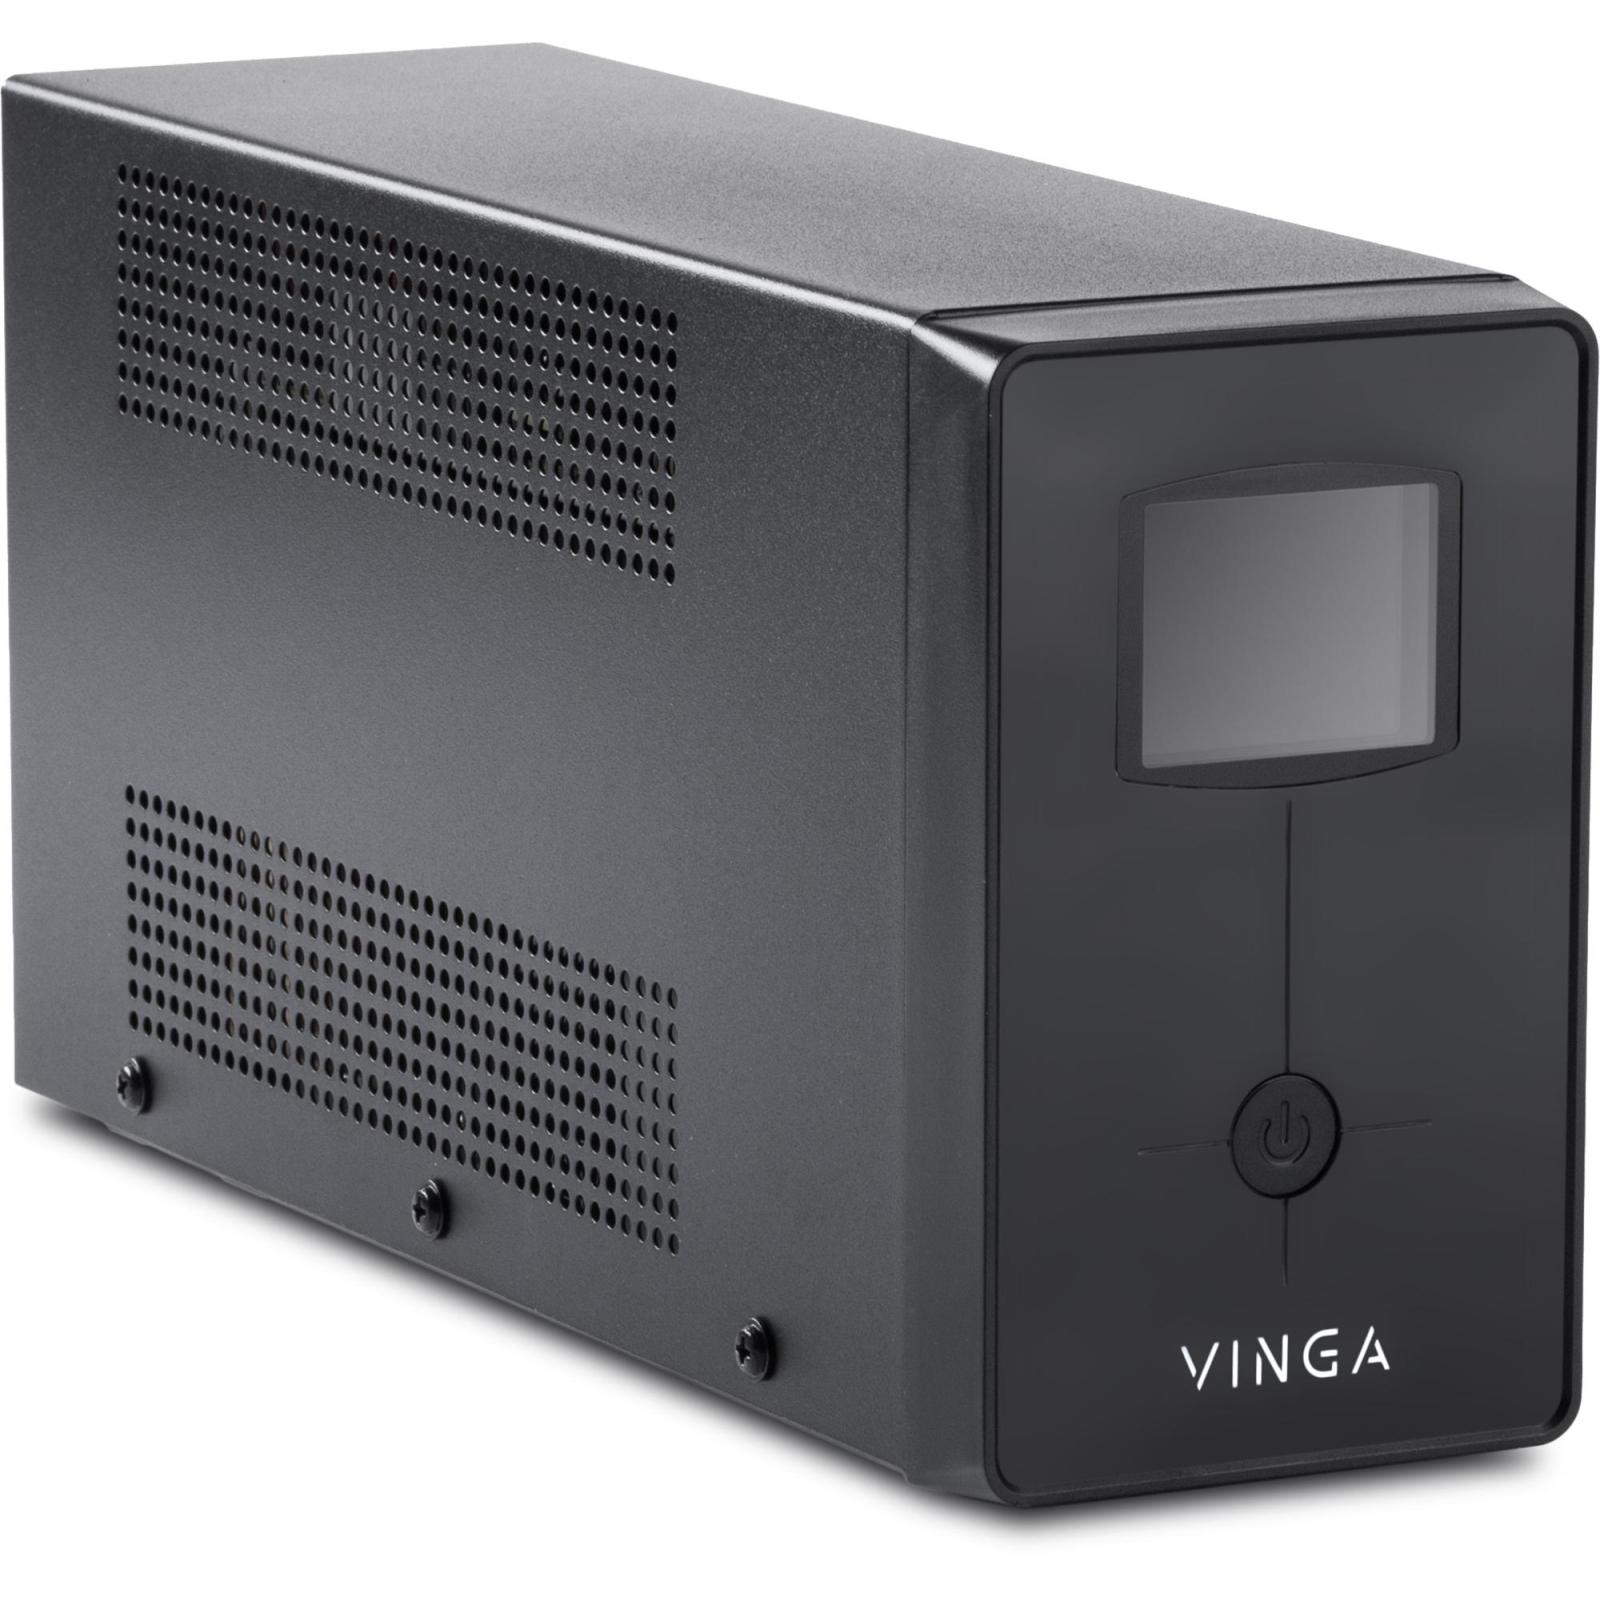 Источник бесперебойного питания Vinga LCD 1200VA metal case (VPC-1200M) изображение 5